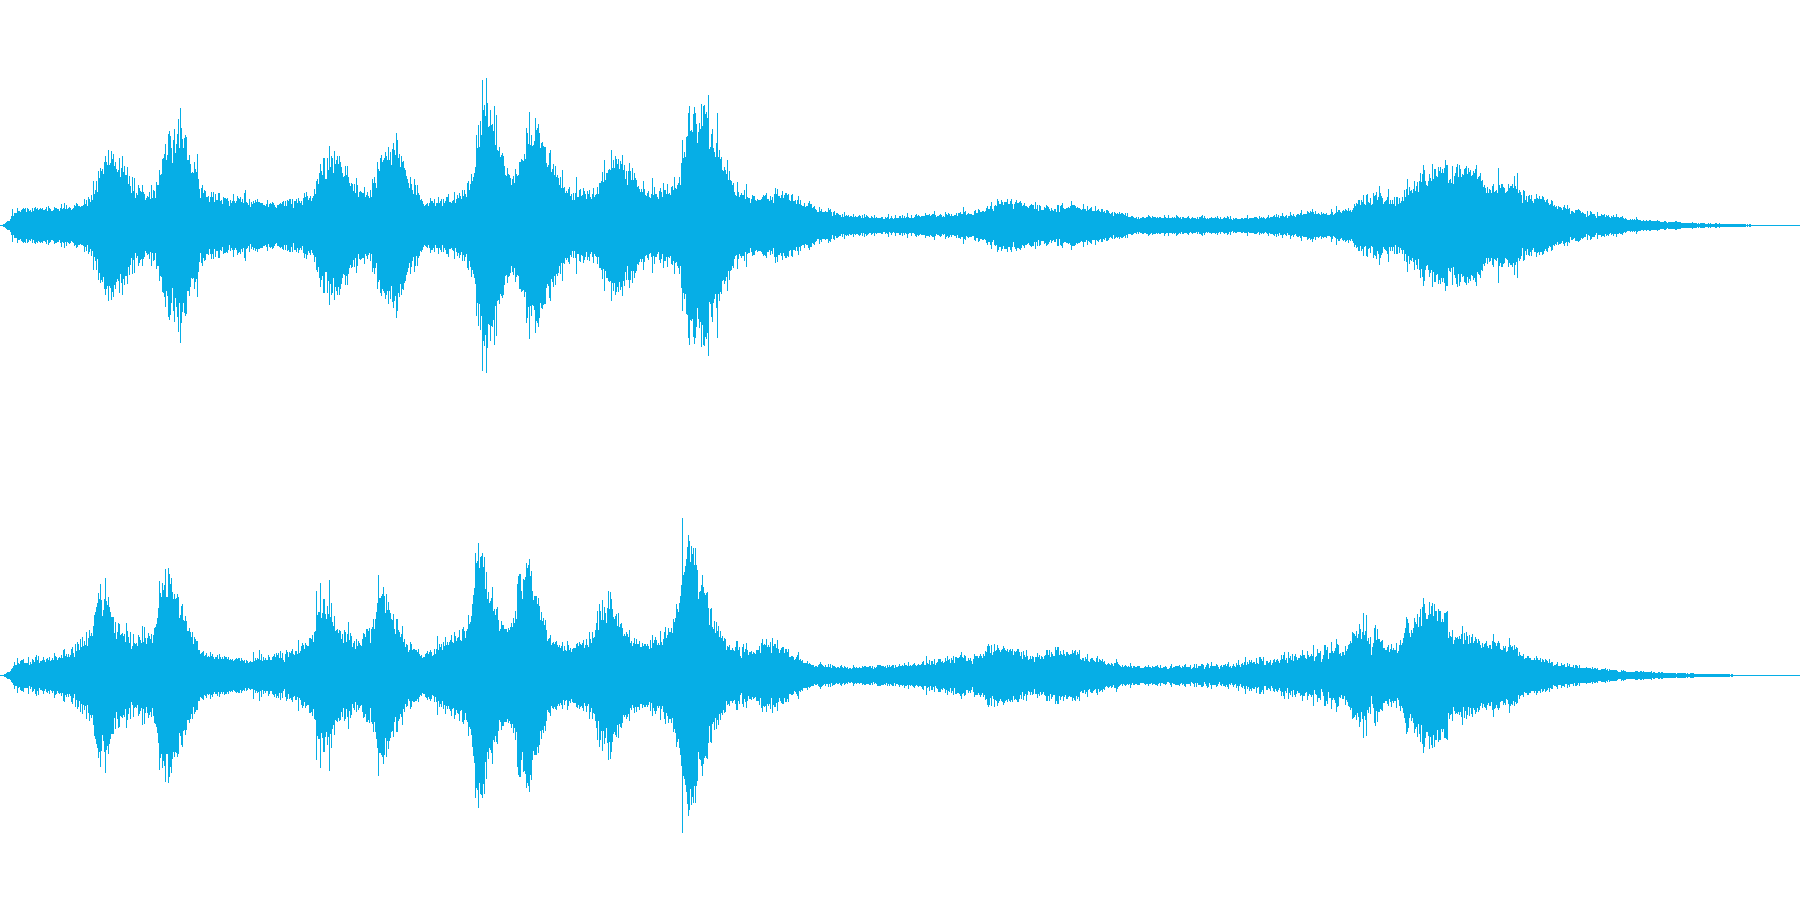 【生録音】 早朝の街 交通 環境音 25の再生済みの波形